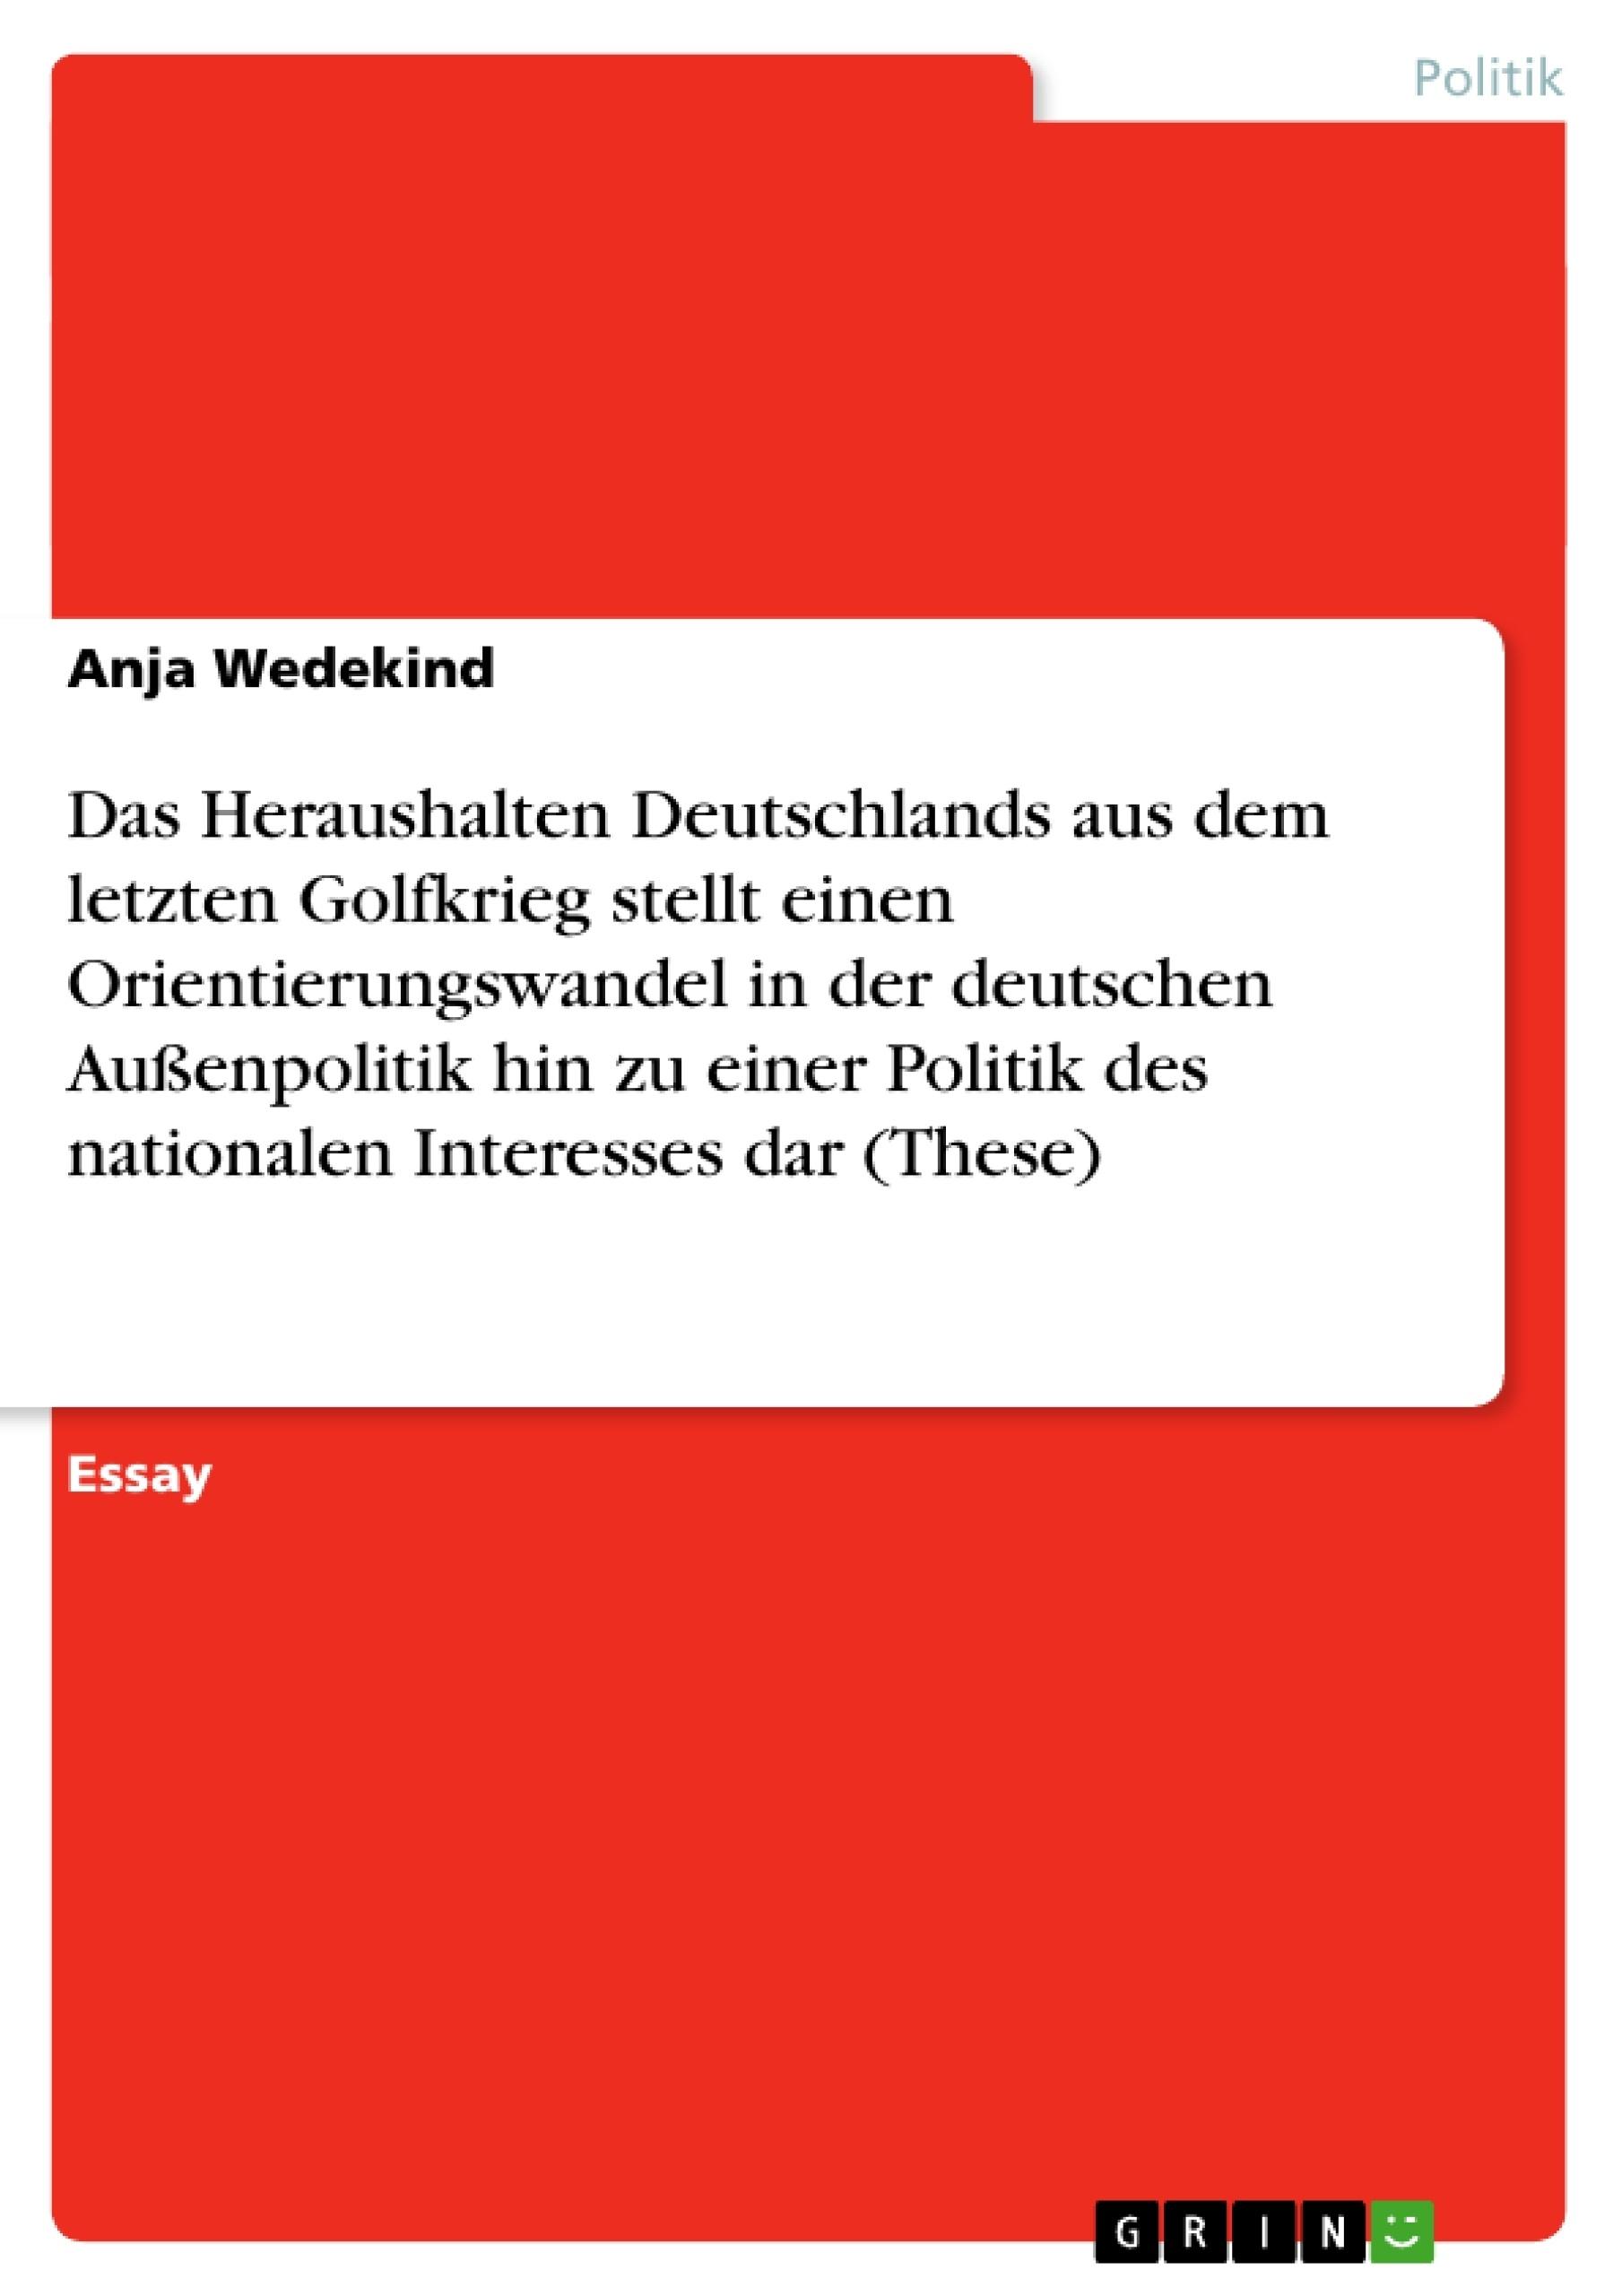 Titel: Das Heraushalten Deutschlands aus dem letzten Golfkrieg stellt einen Orientierungswandel in der deutschen Außenpolitik hin zu einer Politik des nationalen Interesses dar (These)